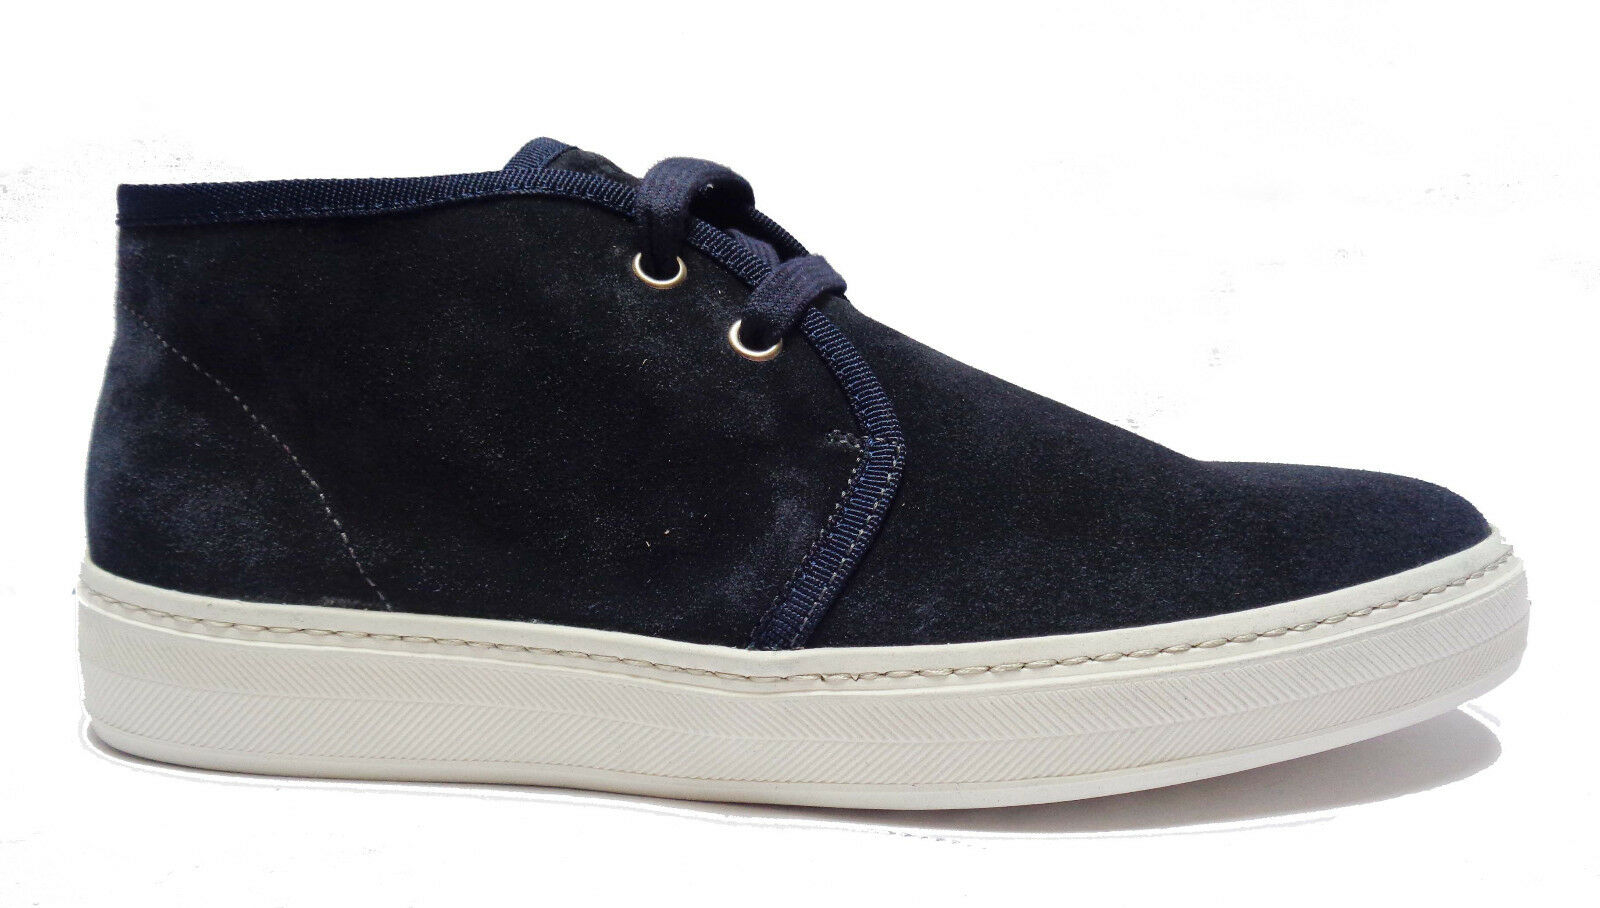 Frau 28A5 Hohe Schuhe Casual Men mit Schnürung aus Wildleder Blau